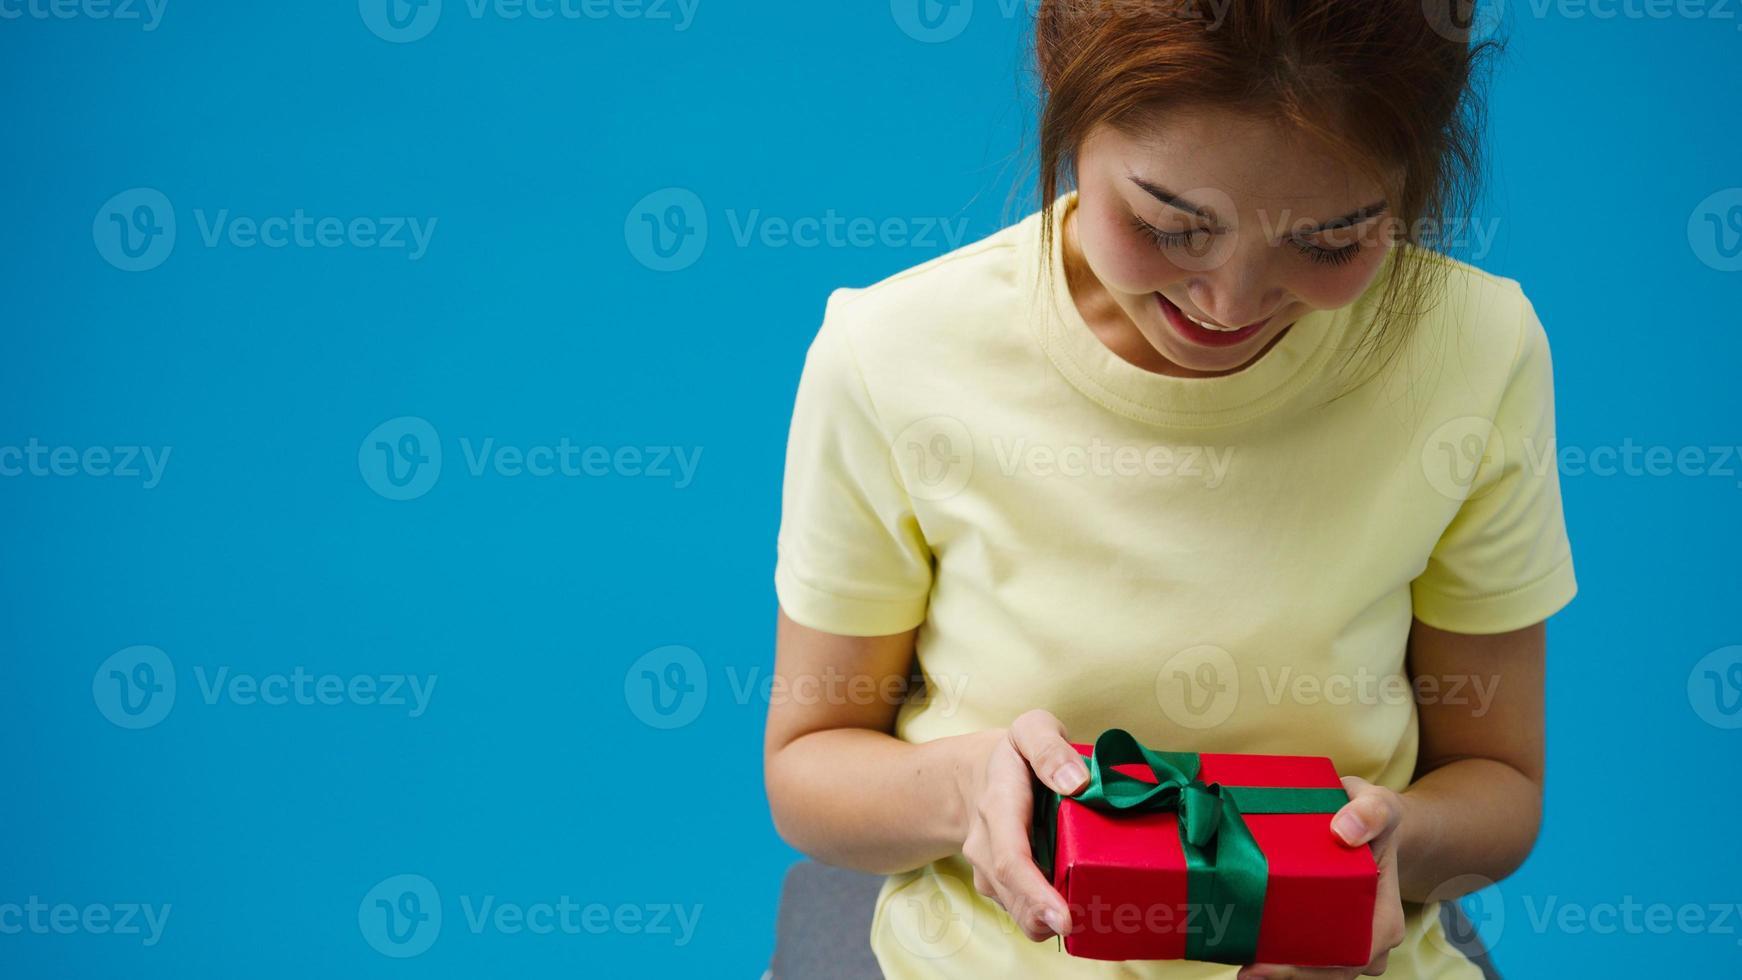 jeune fille asiatique souriante et recevant une boîte présente isolée sur fond bleu. copiez l'espace pour placer un texte, un message pour la publicité. zone publicitaire, maquette de contenu promotionnel. photo